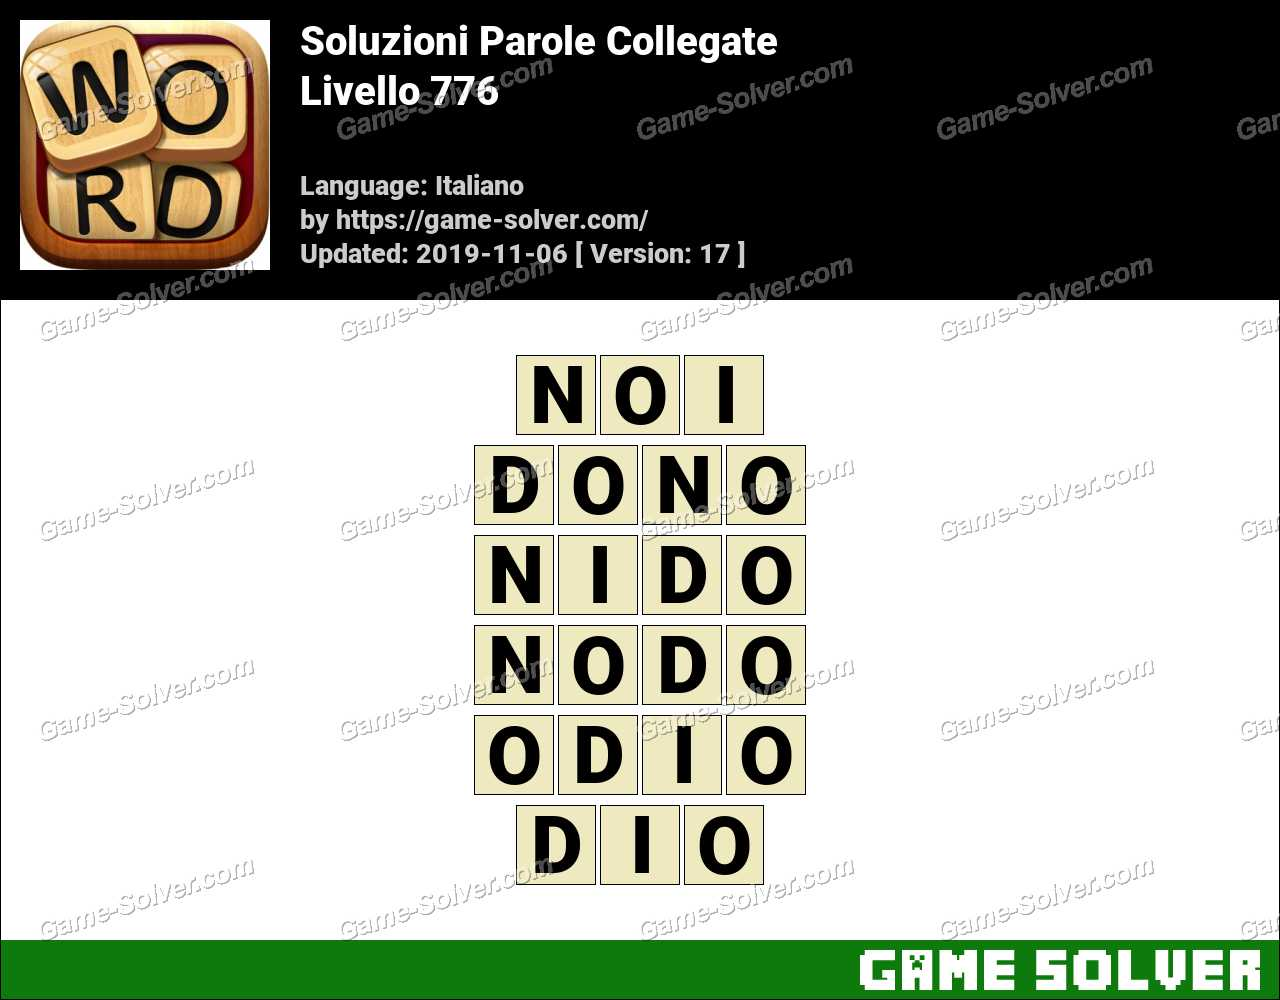 Soluzioni Parole Collegate Livello 776